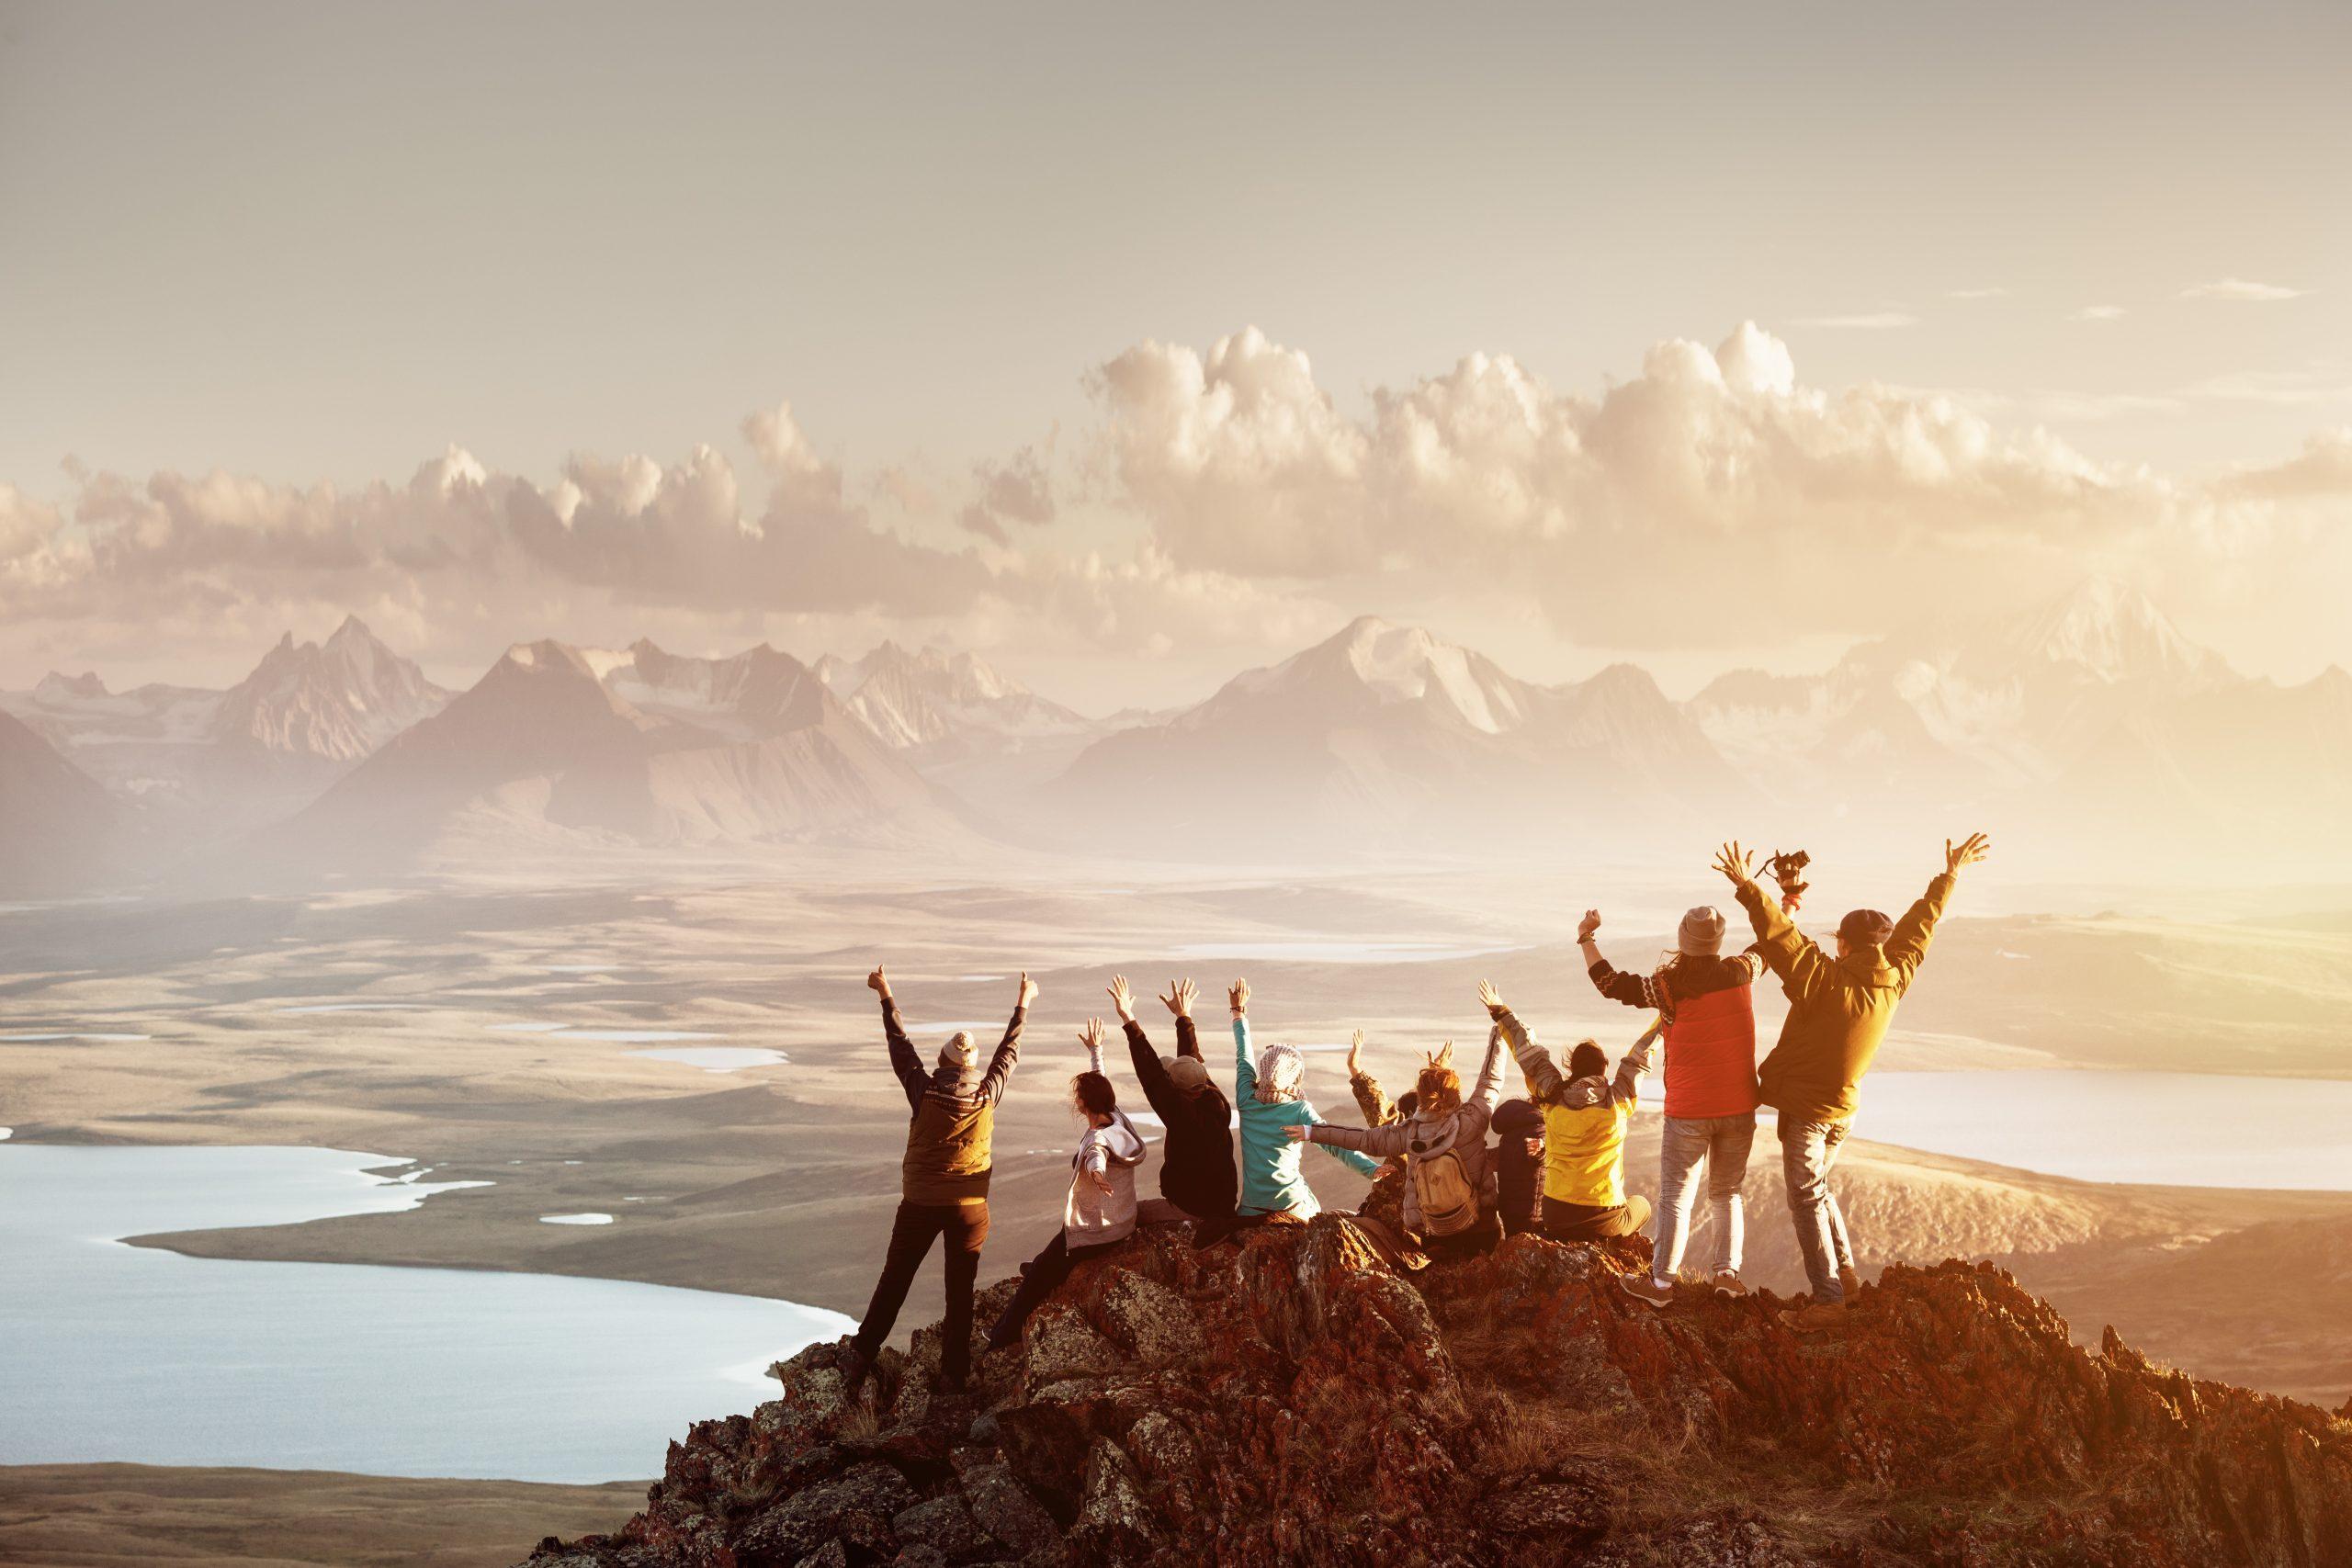 Menschen auf einem Berggipfel